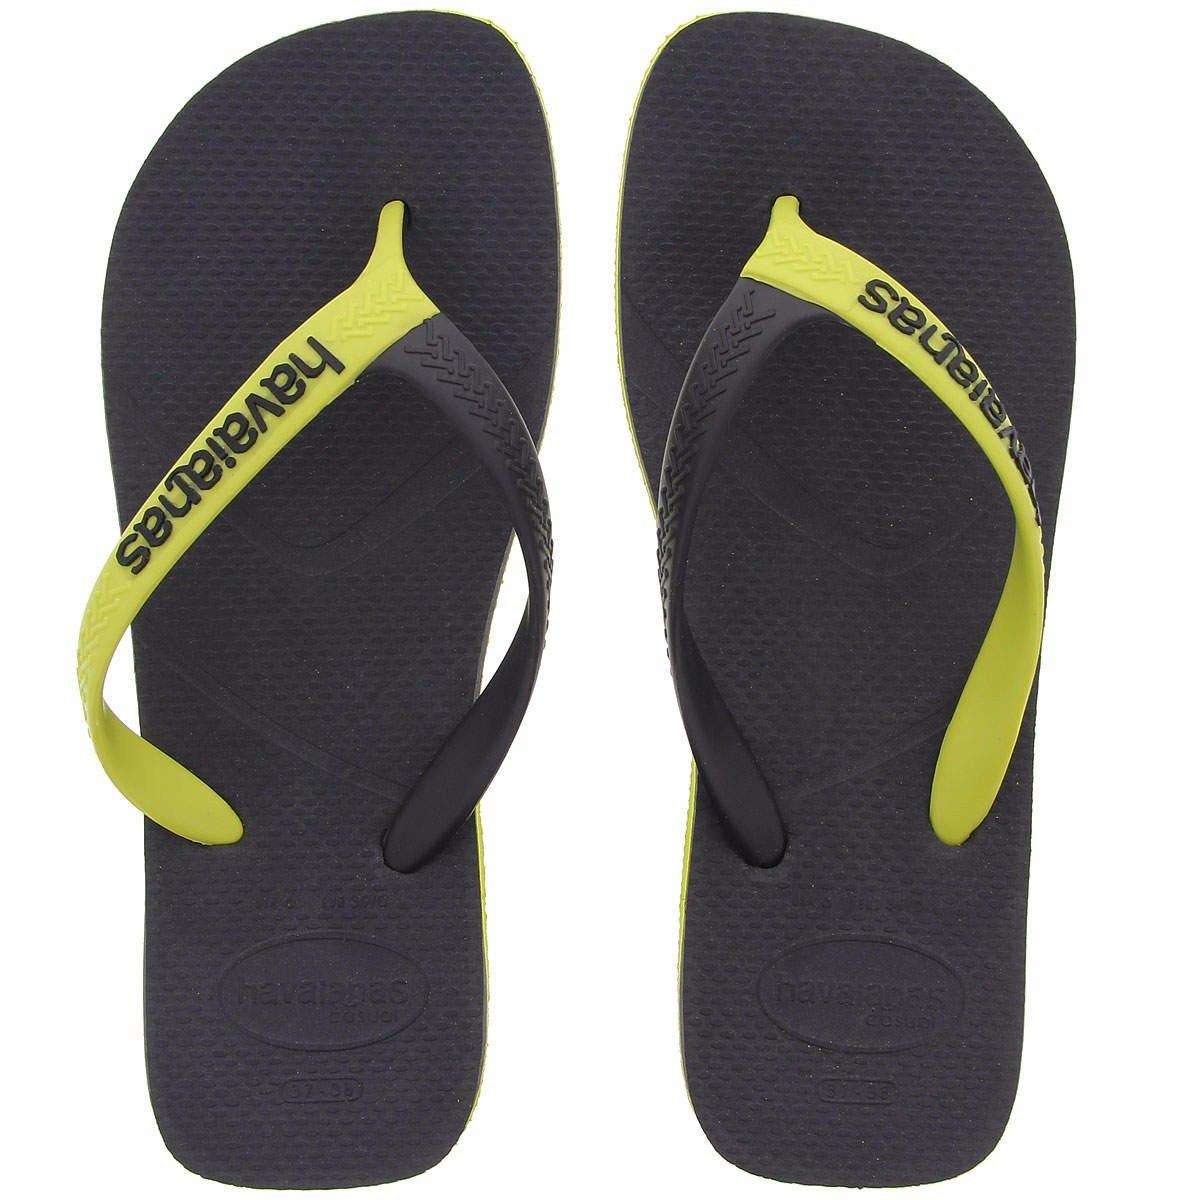 68d47d2e3f chinelo sandália havaianas casual masculino original. Carregando zoom.